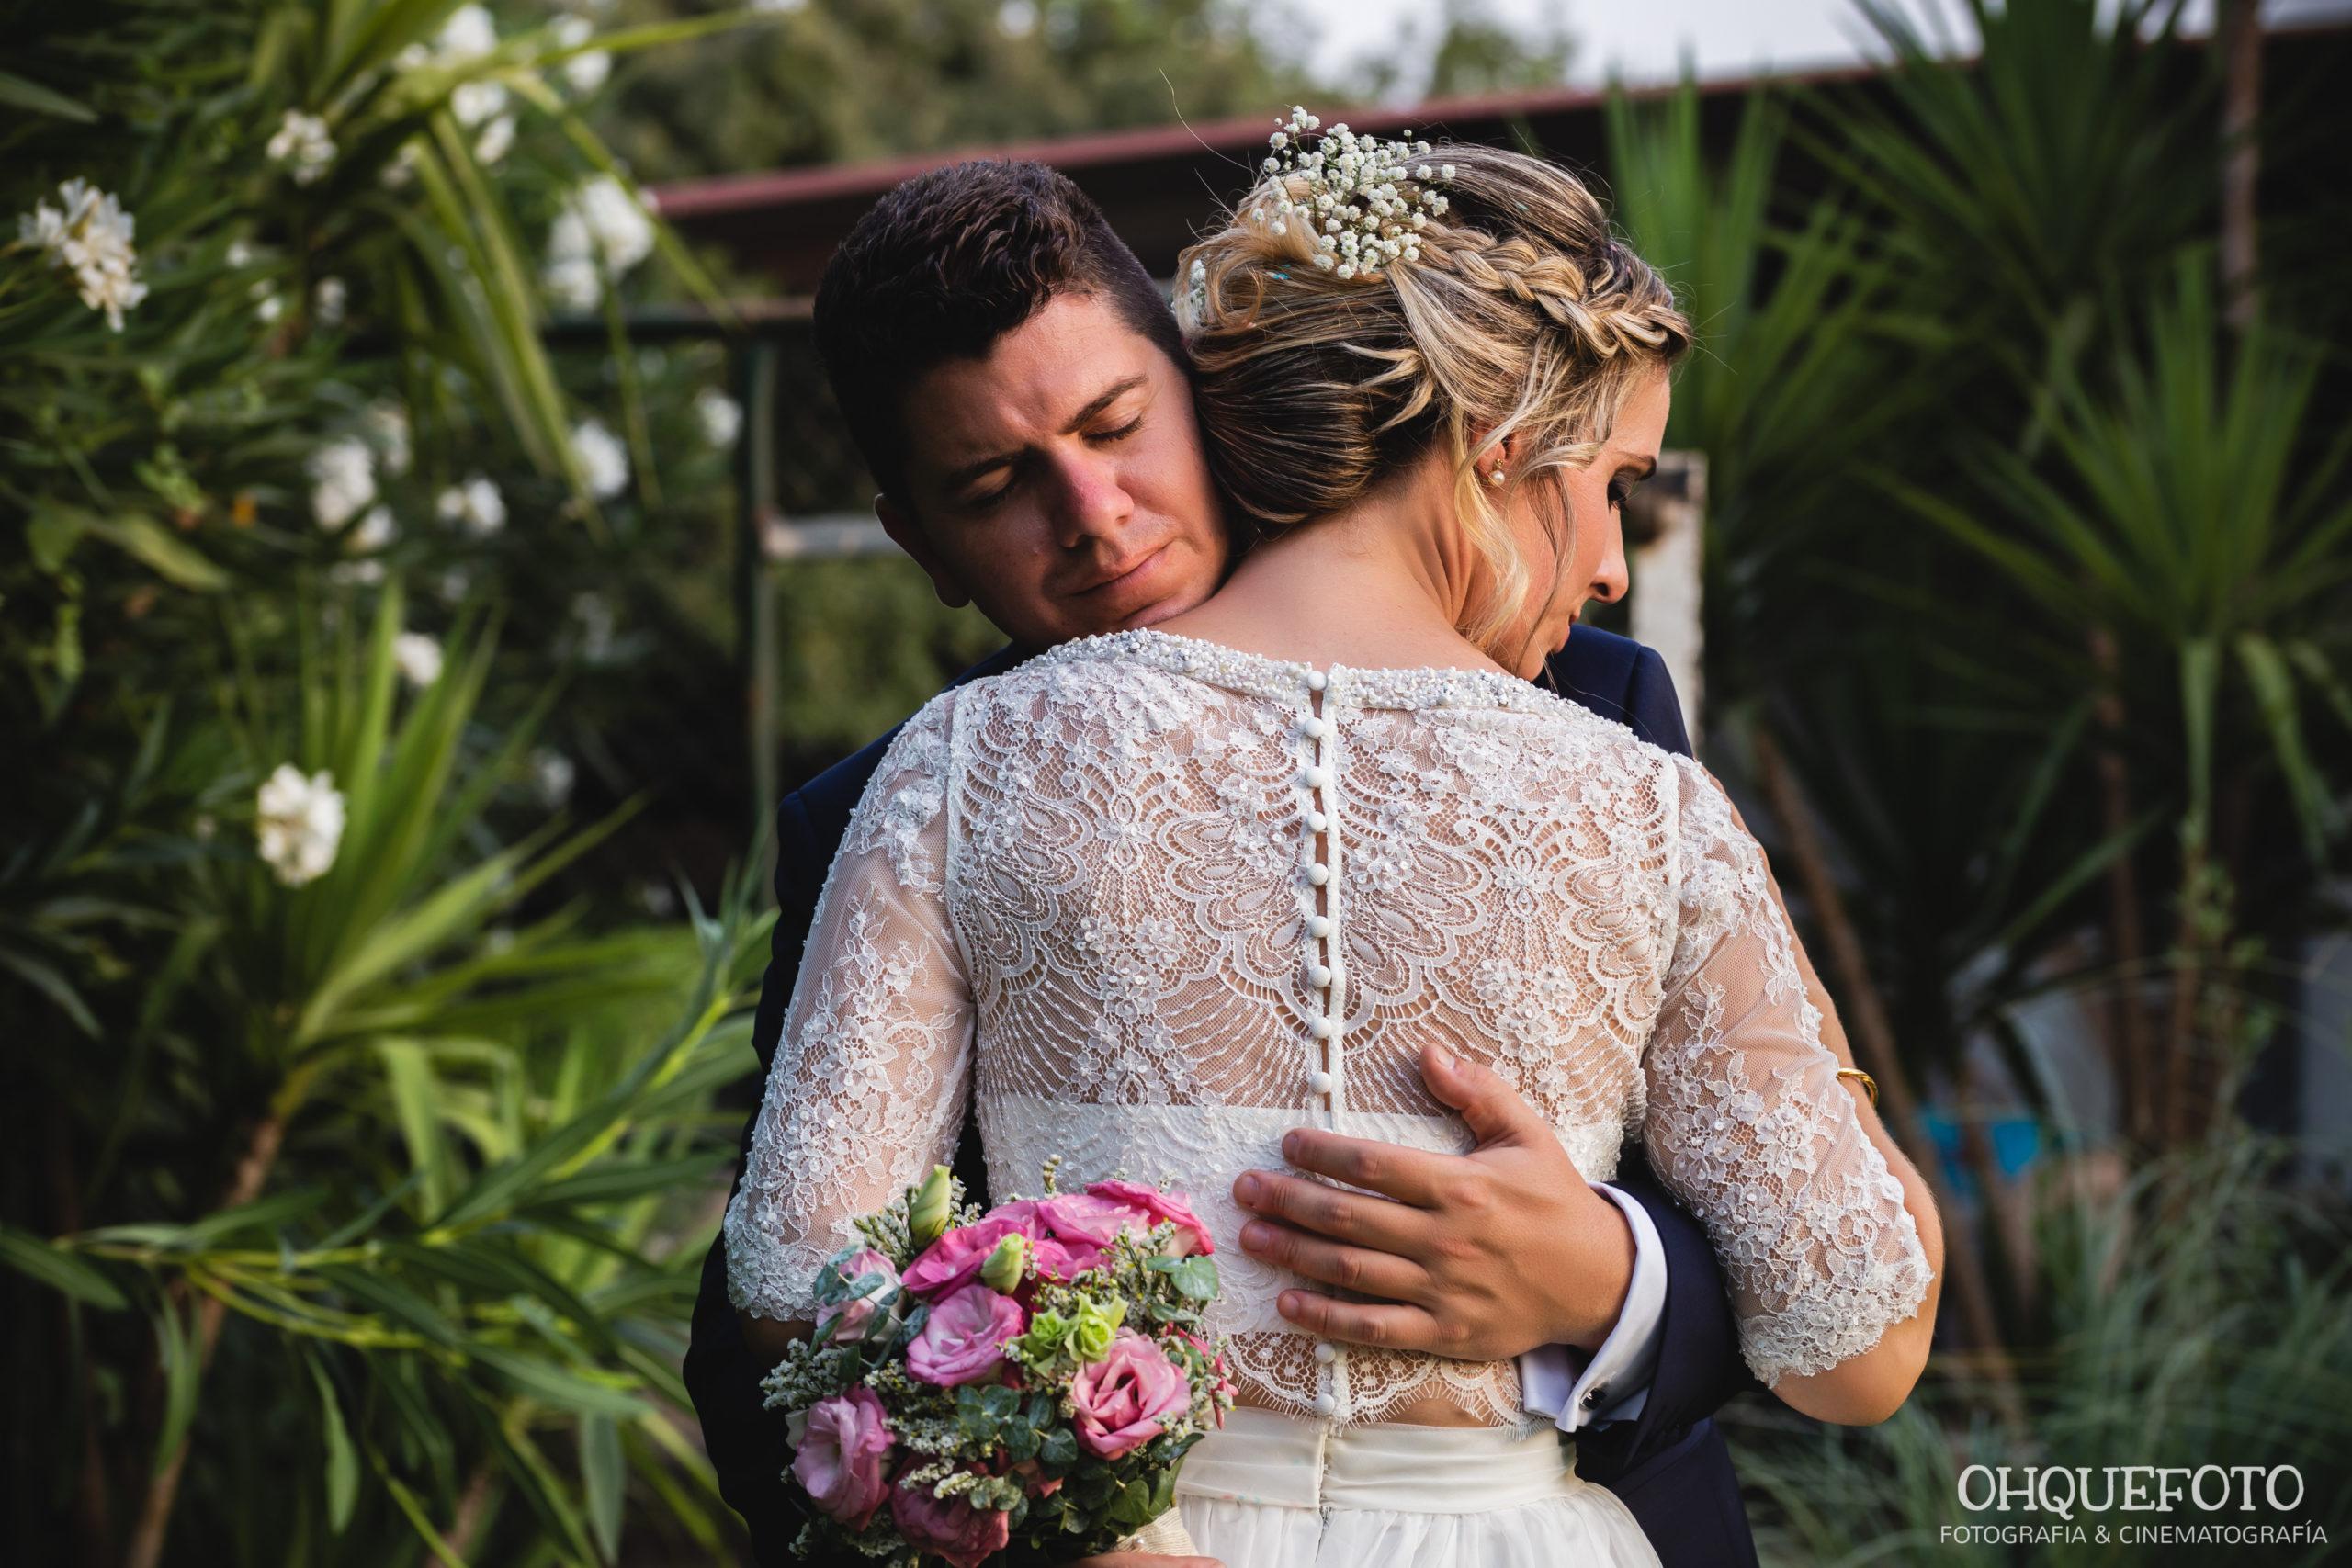 Boda-en-los-Jardines-del-Cardador-cordoba-reportaje-de-bodas1